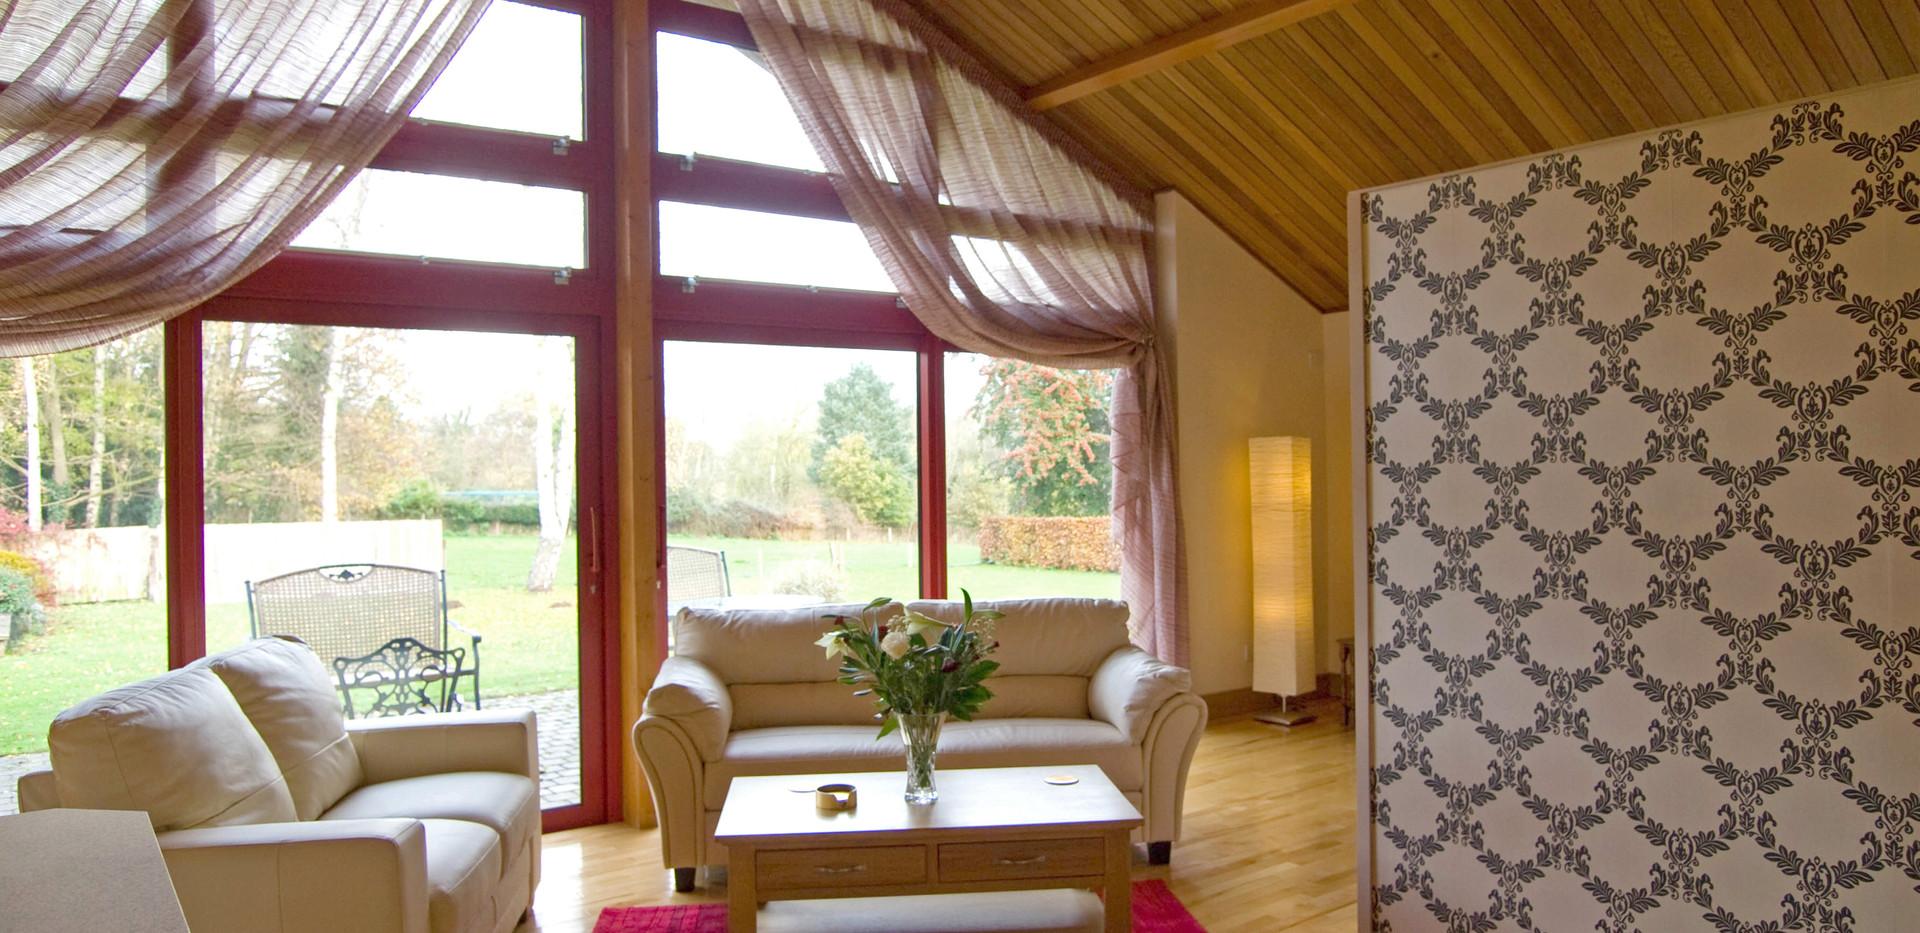 cottages in norfolk.jpg